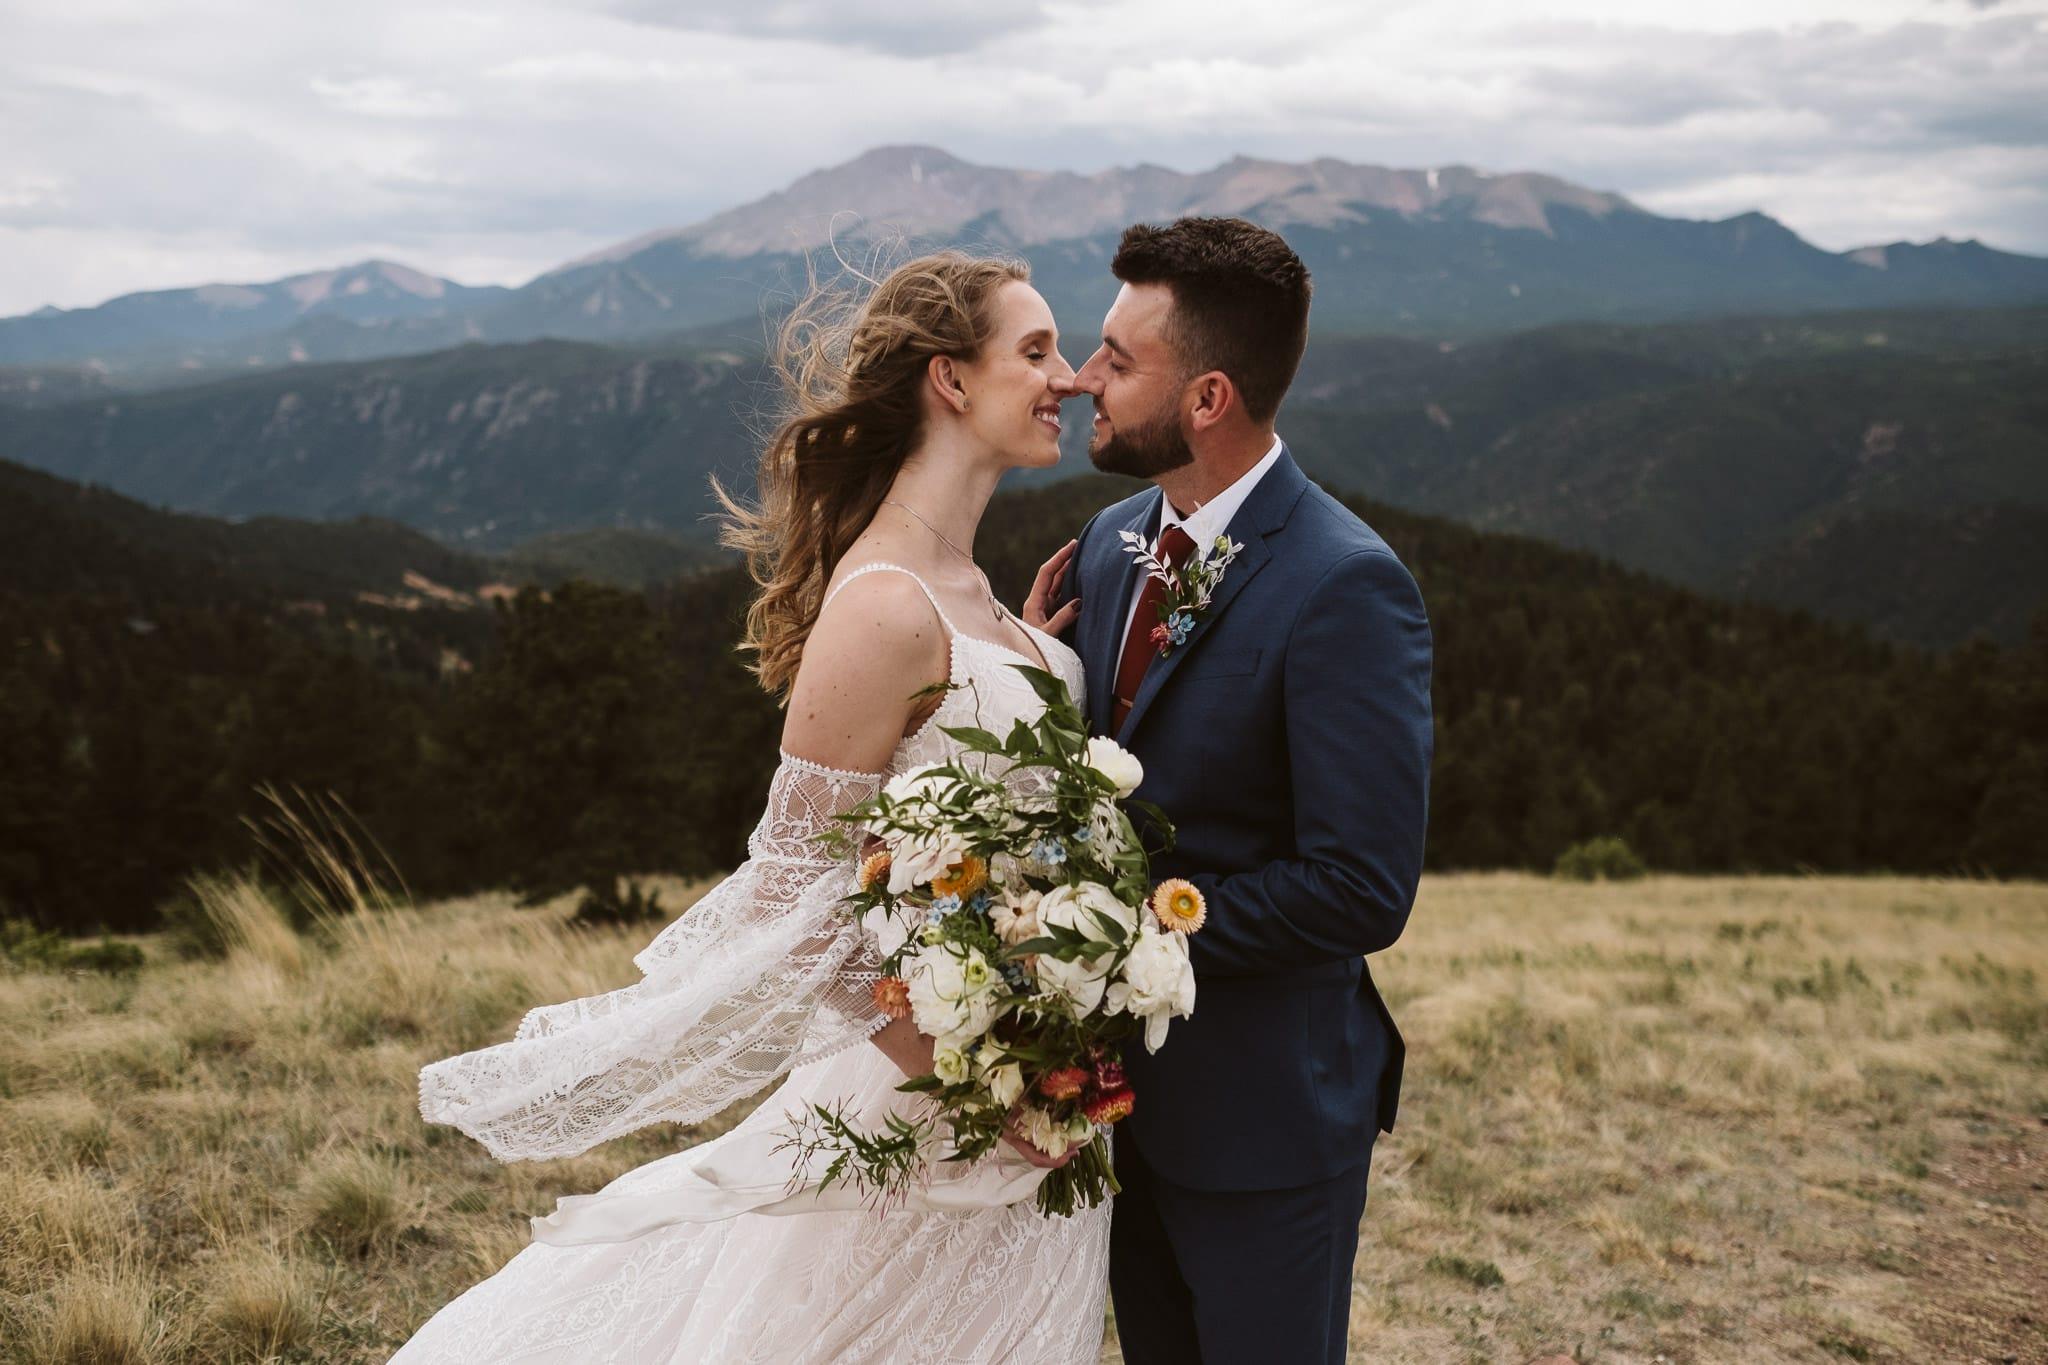 Colorado Springs elopement